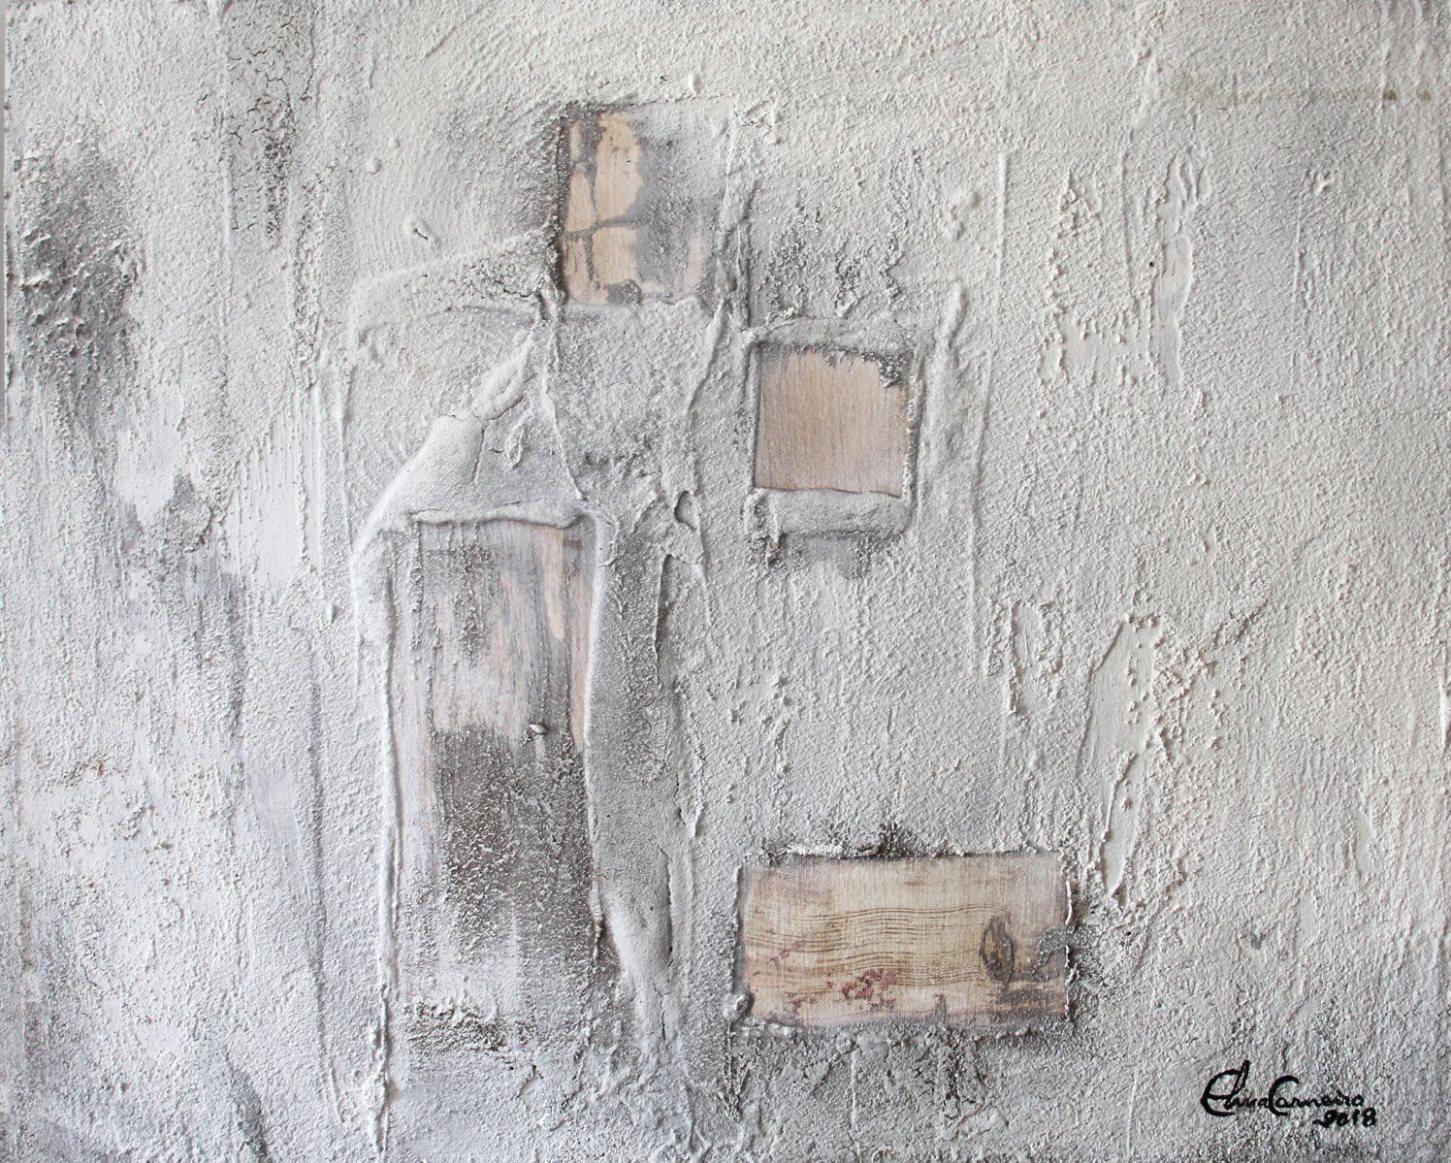 Arte abstrata de Elma Carneiro - Goiânia-GO